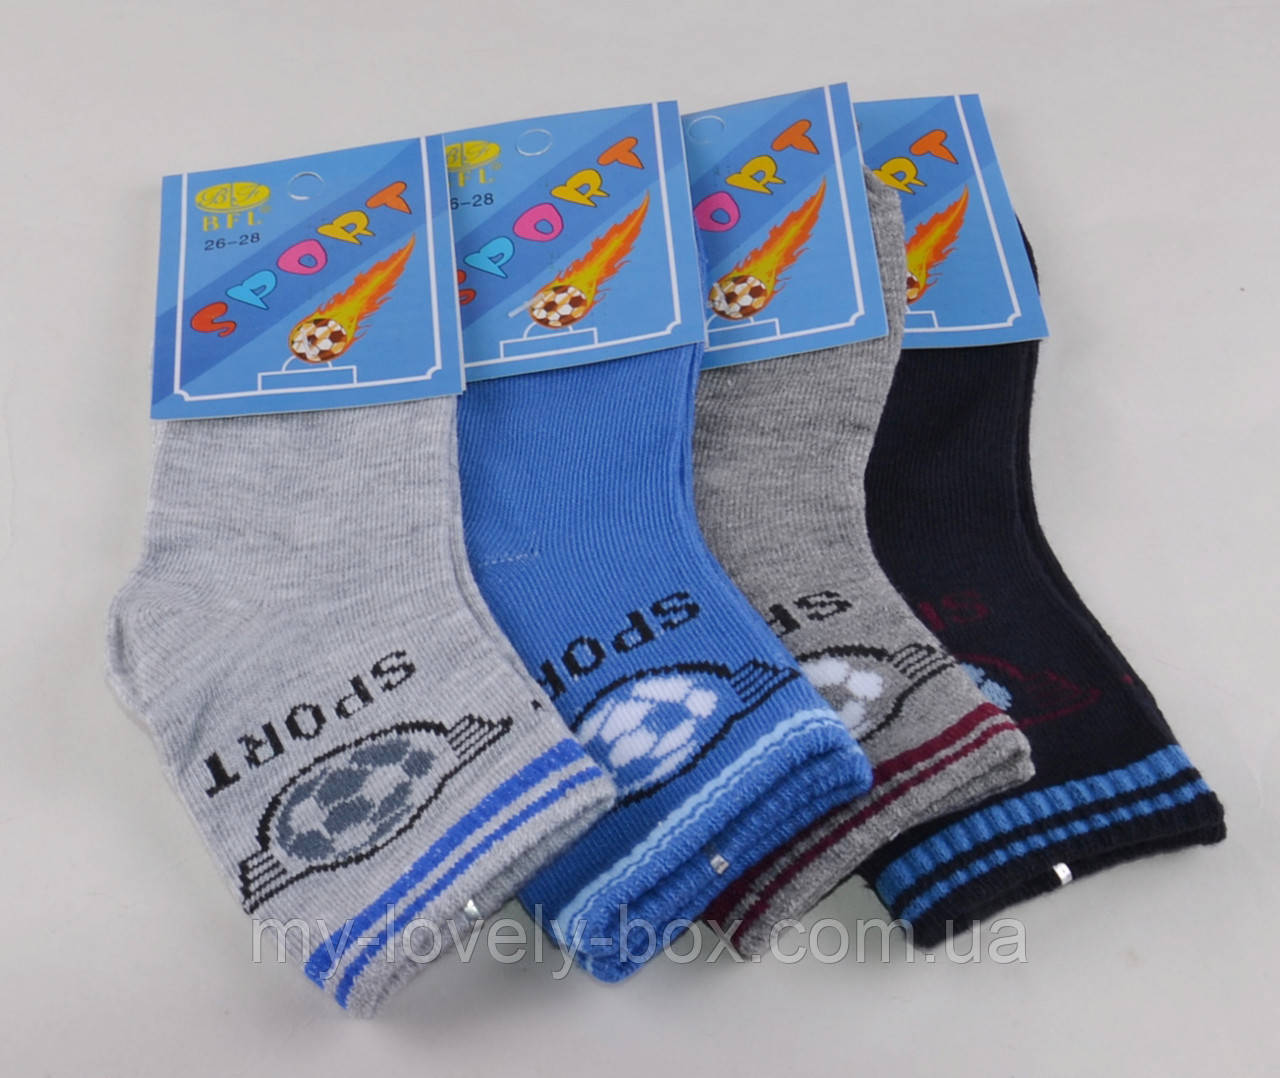 ОПТОМ.Детские носки Мячи однотонные р.26-28 (C195/M) | 12 пар